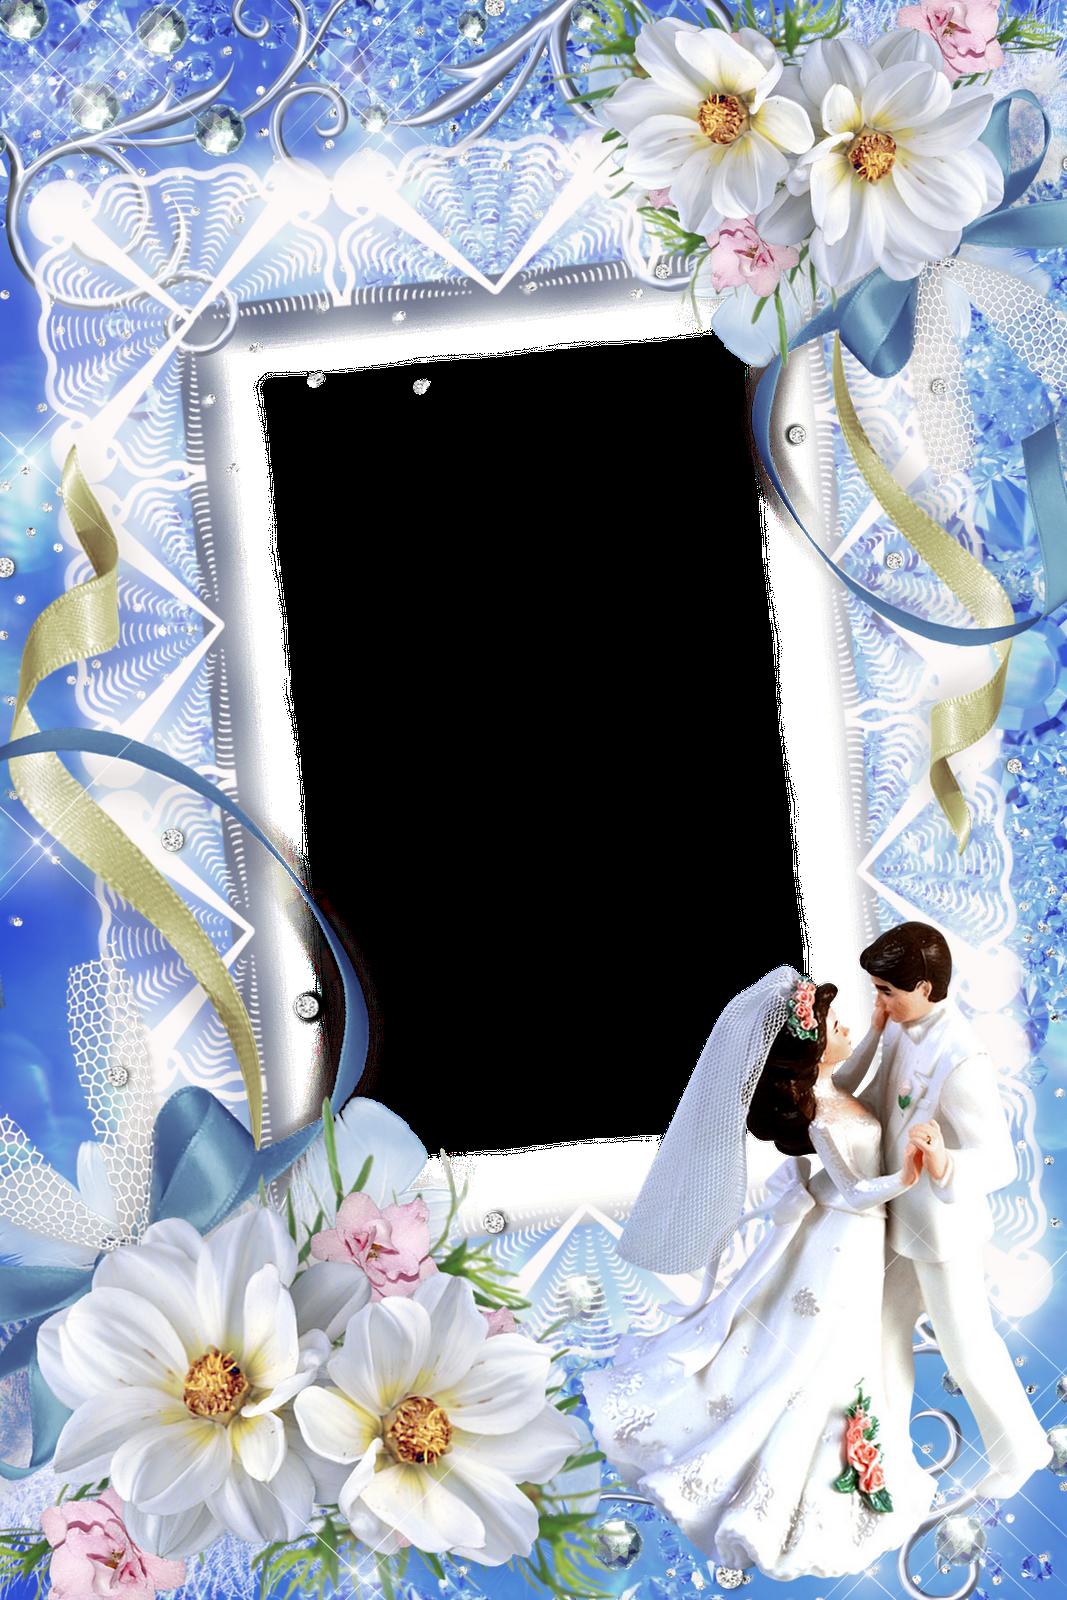 элементы никак фоторамки на свадьбу пригласительные такие батареи новинка